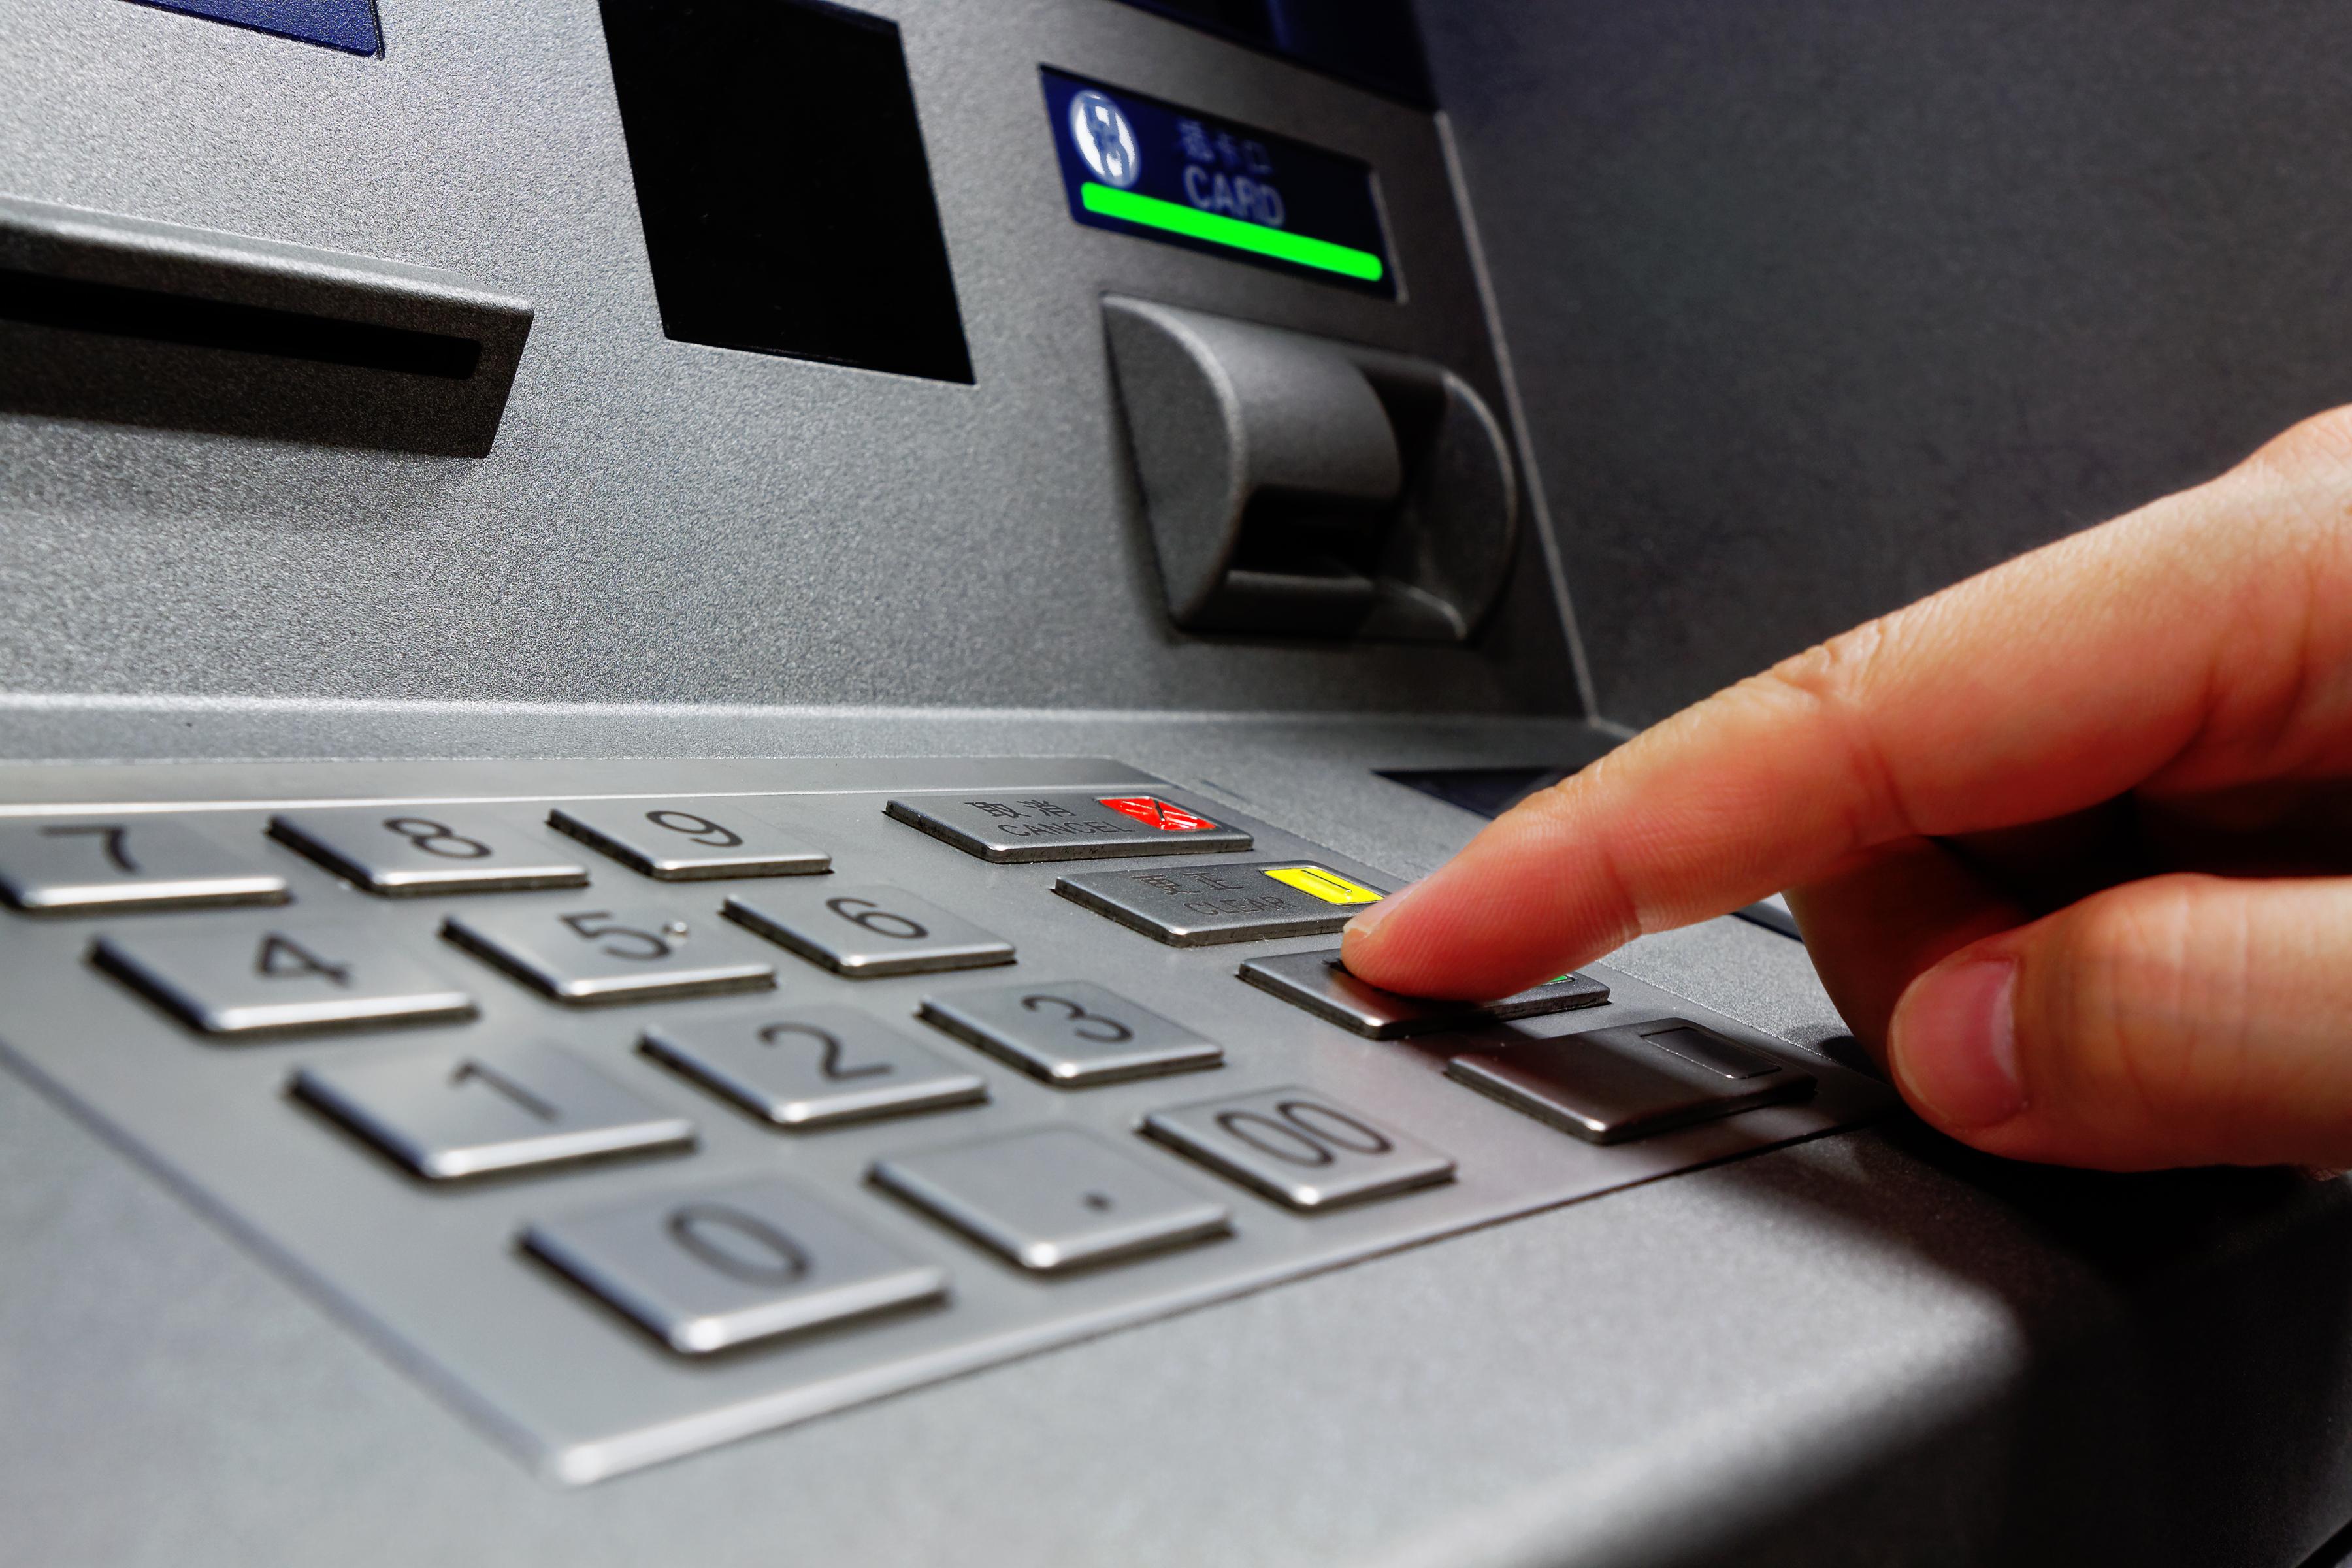 էլեկտրոնային սարքավորման միջոցով փորձ է կատարվել Երևանում գործող տարբեր բանկոմատներից գումար հափշտակել